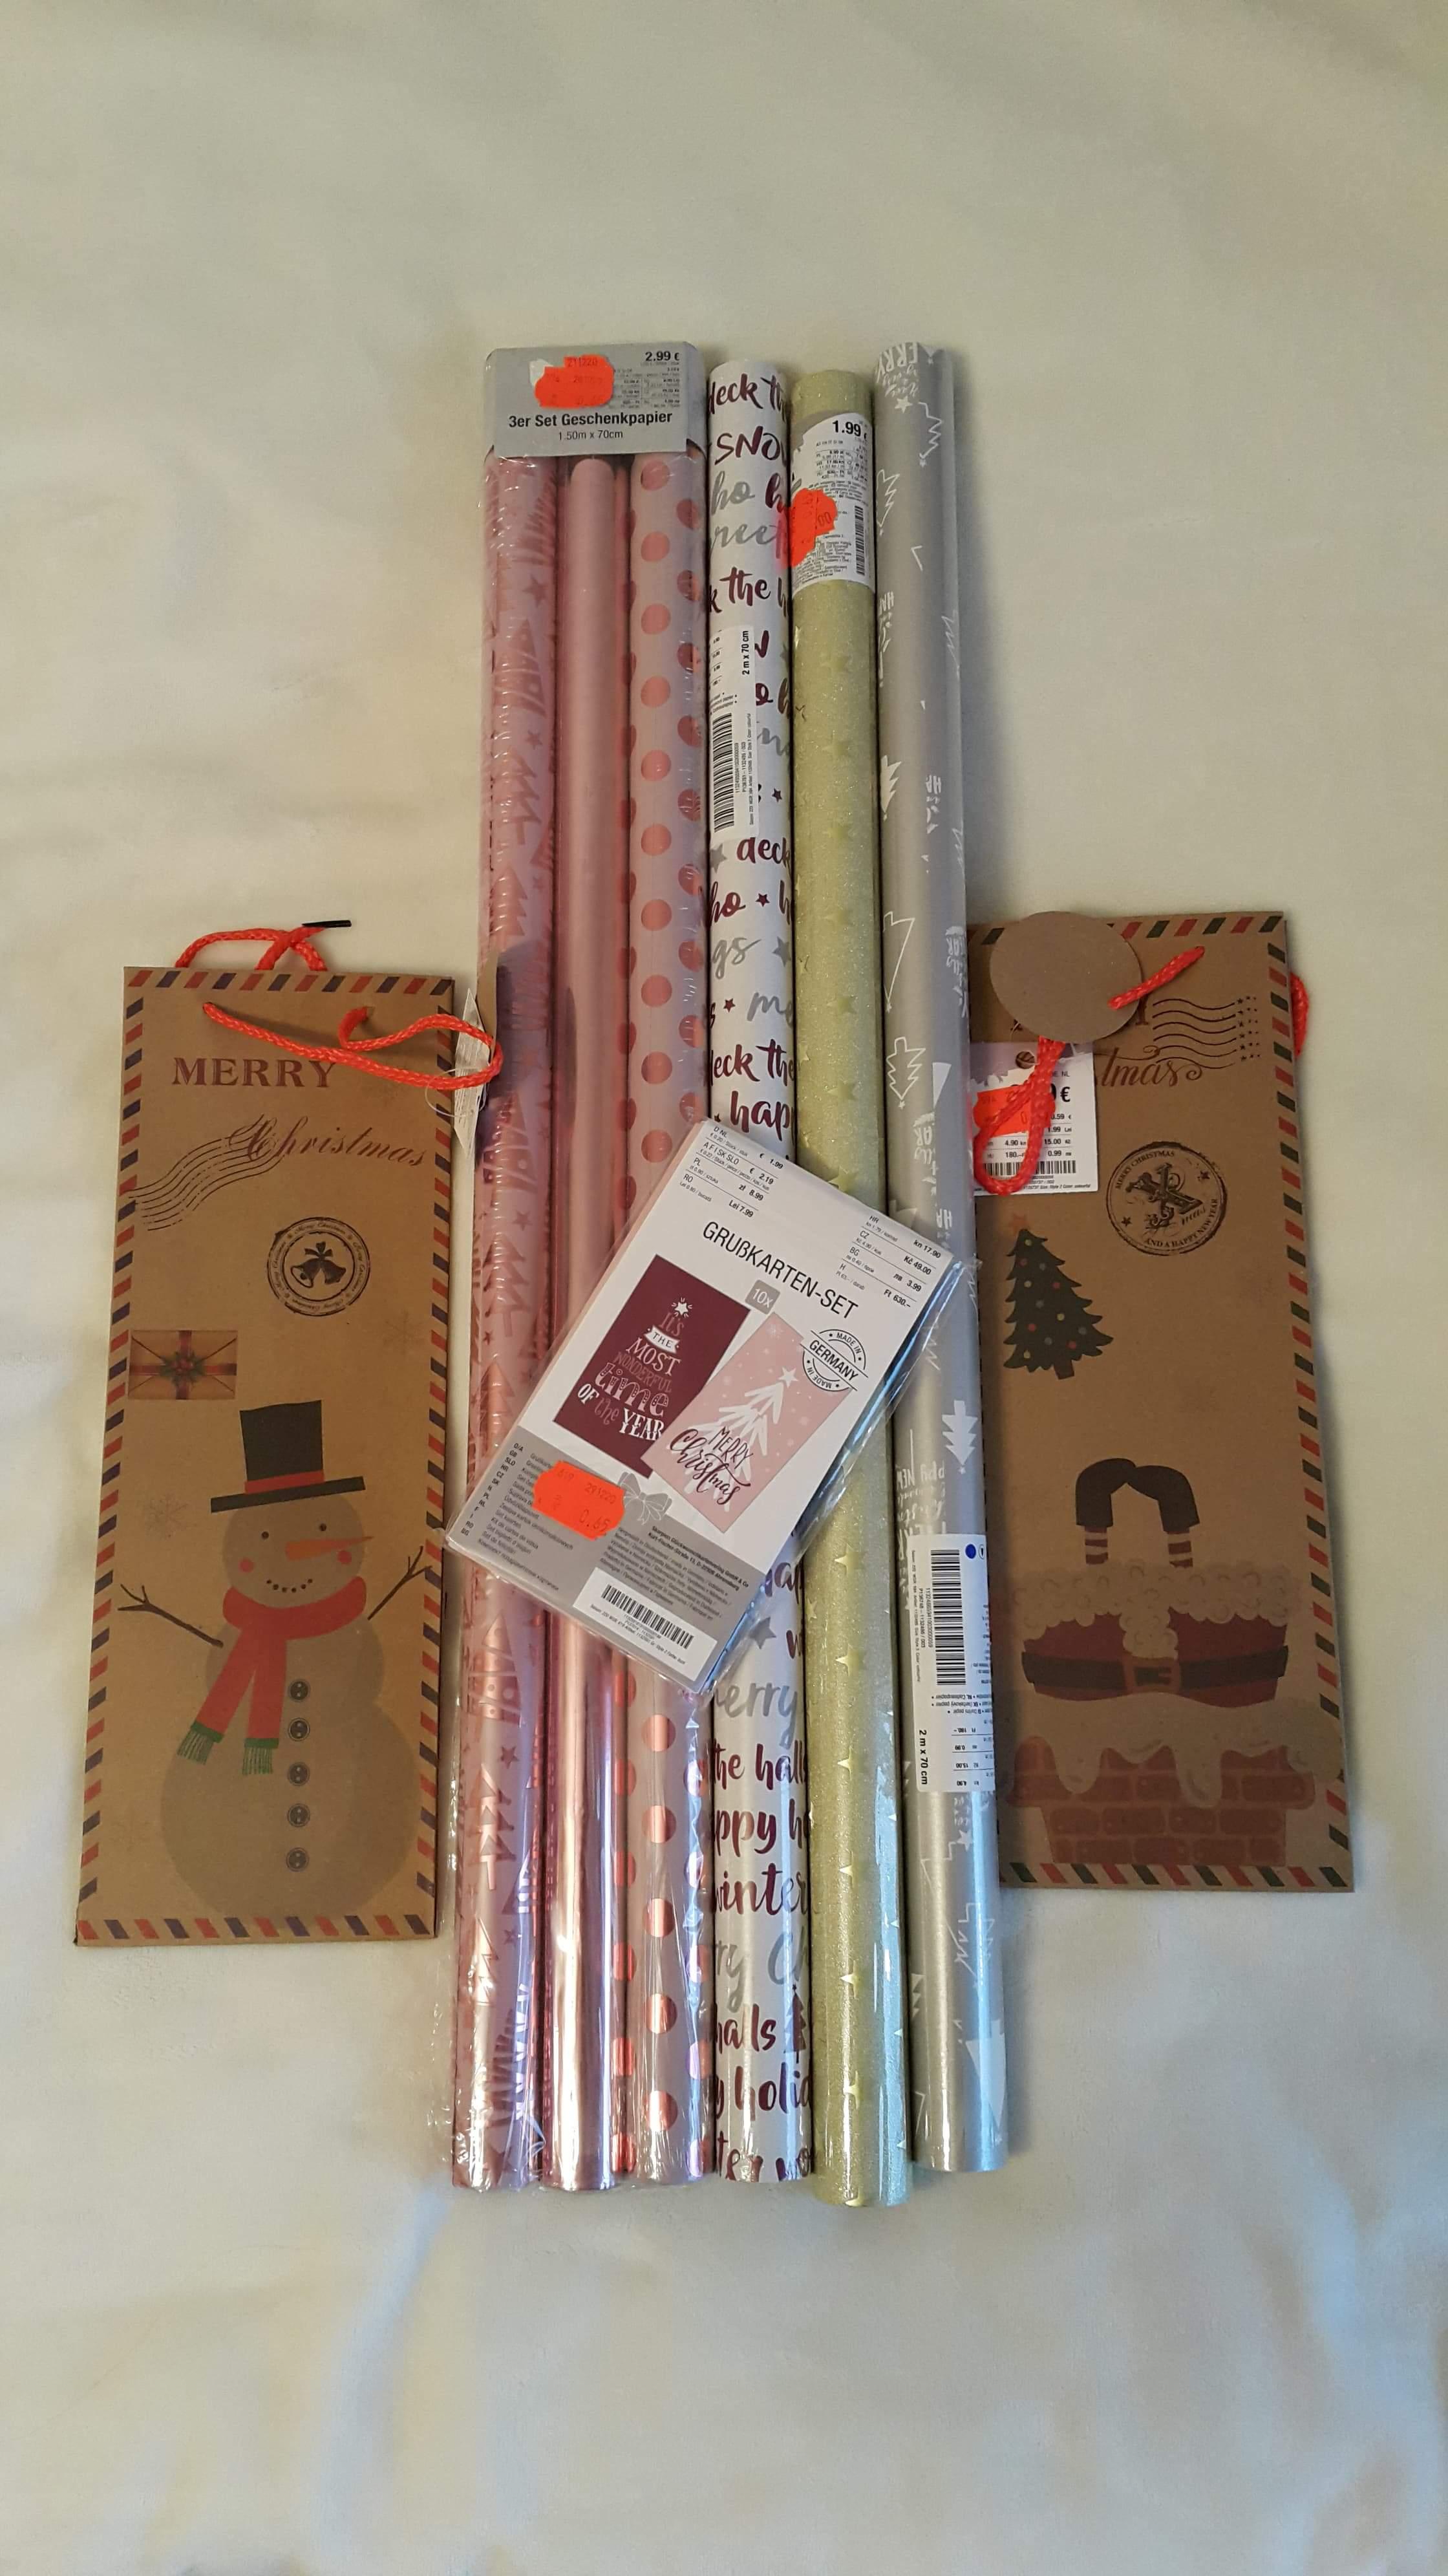 Kik wyprzedaż świątecznych torebek i papierów do pakowania